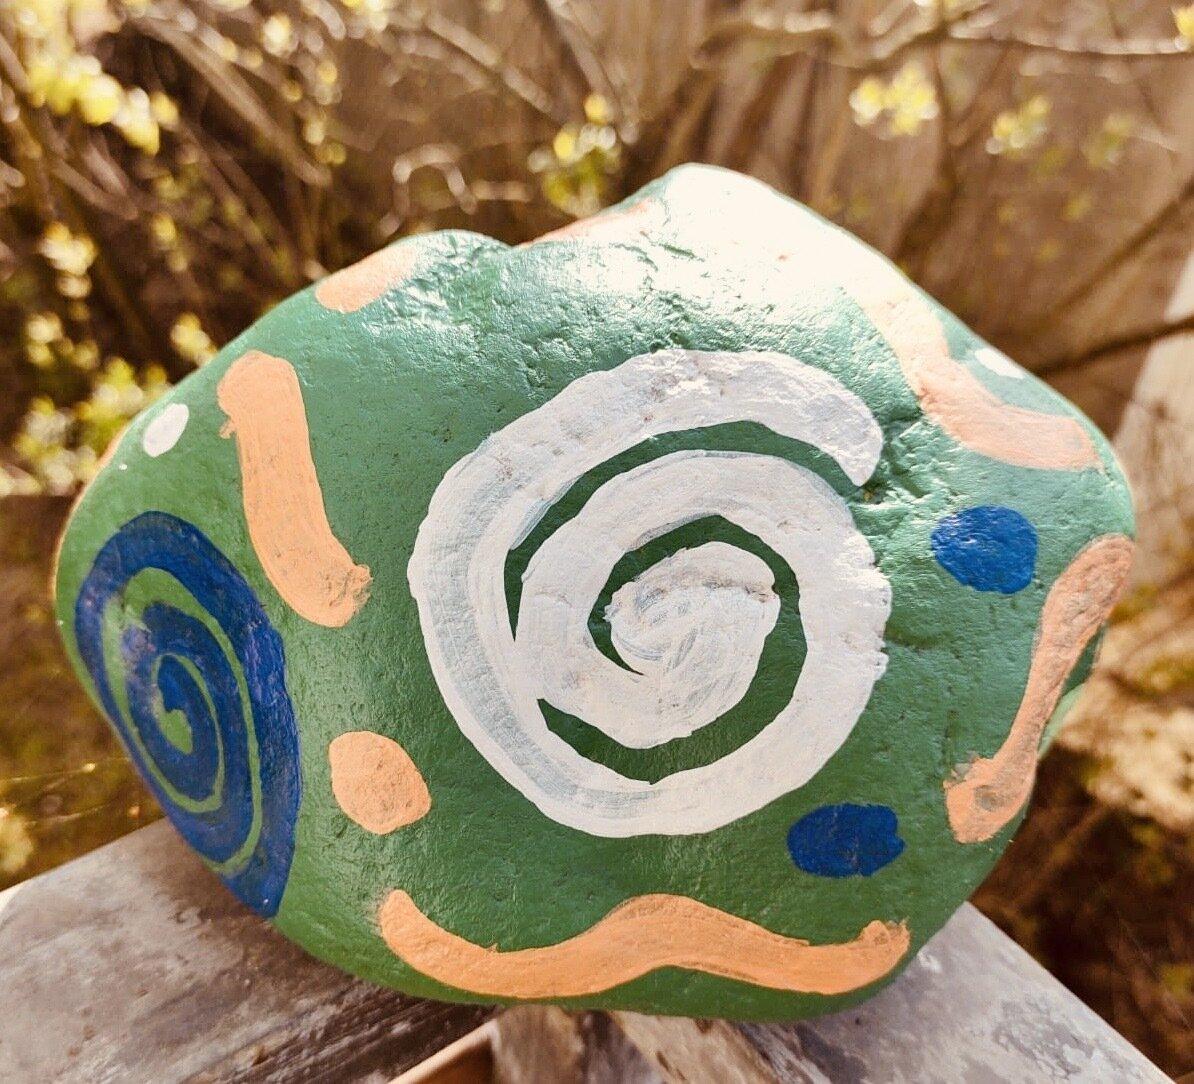 Bild zeigt einen bemalten Stein